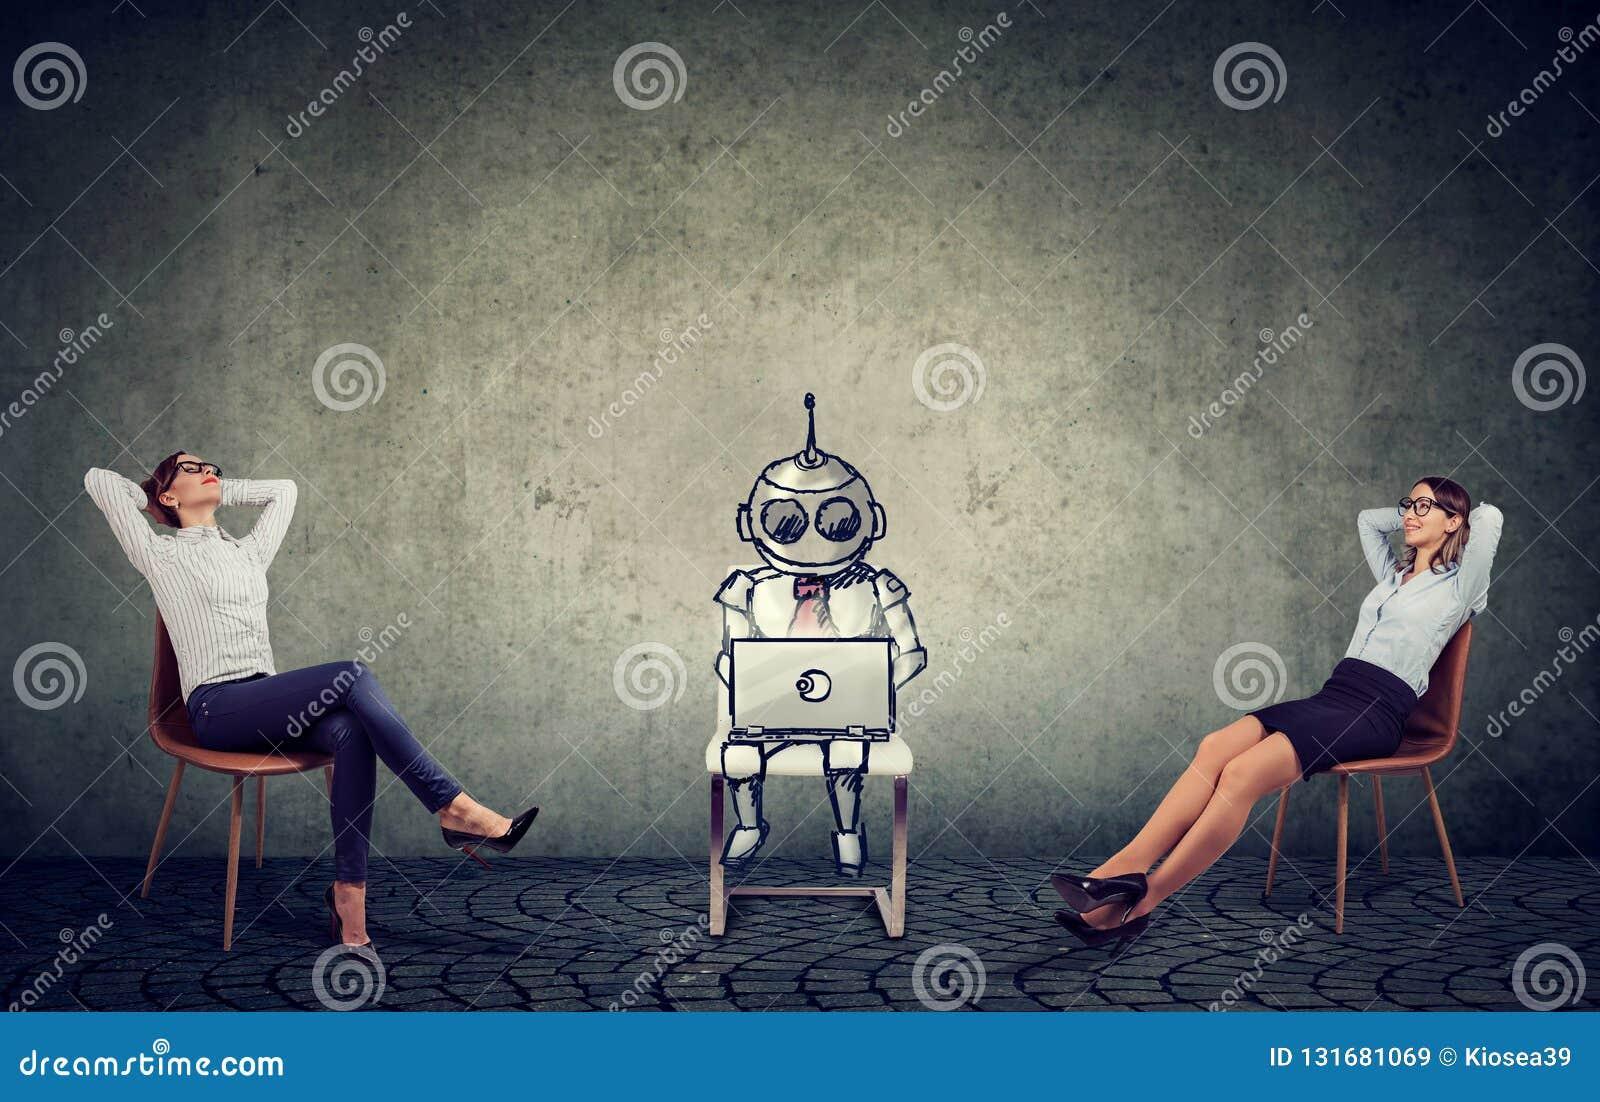 Dos empresarias que se relajan disfrutando de ayuda de la inteligencia artificial en la gestión de la compañía